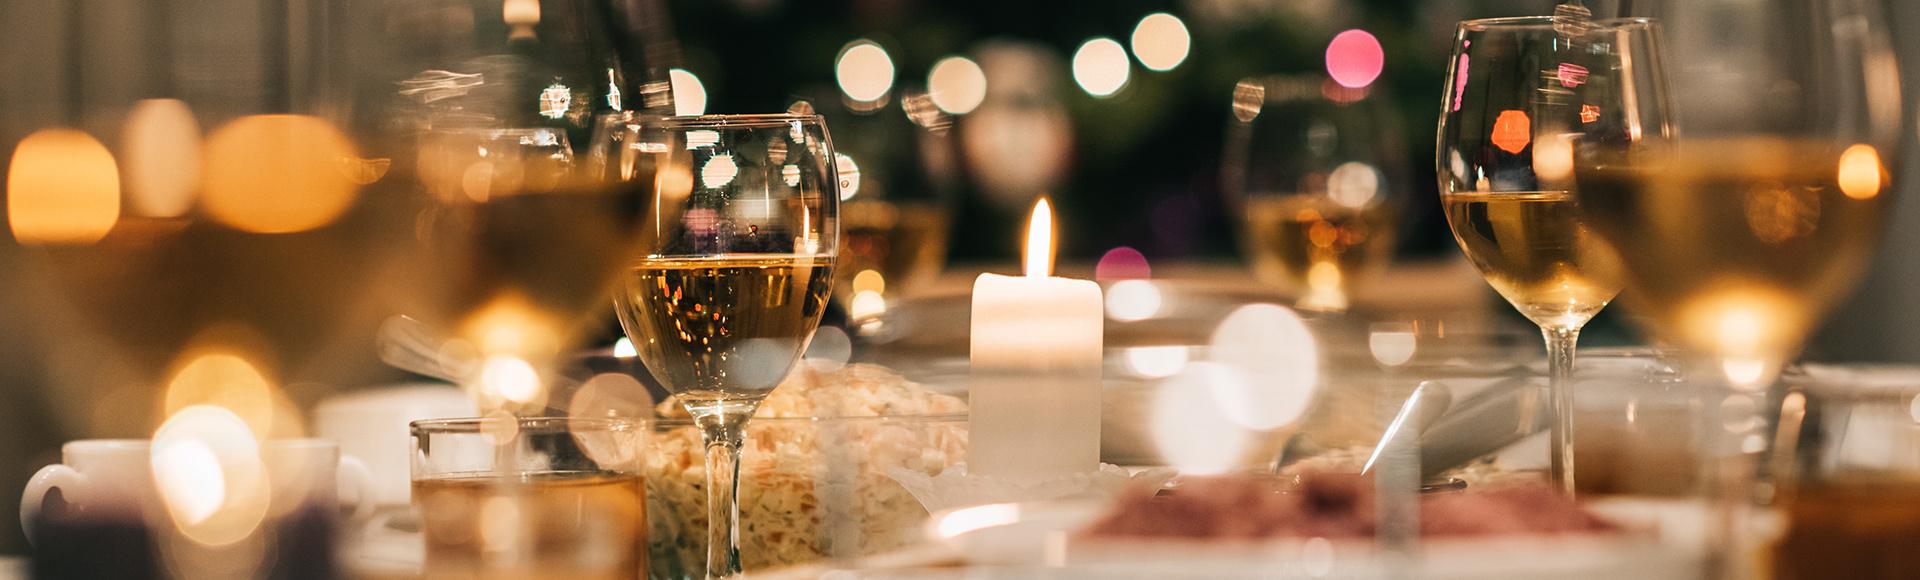 Welke wijn voor de eindejaarsfeesten? 2 - Het voorgerecht.